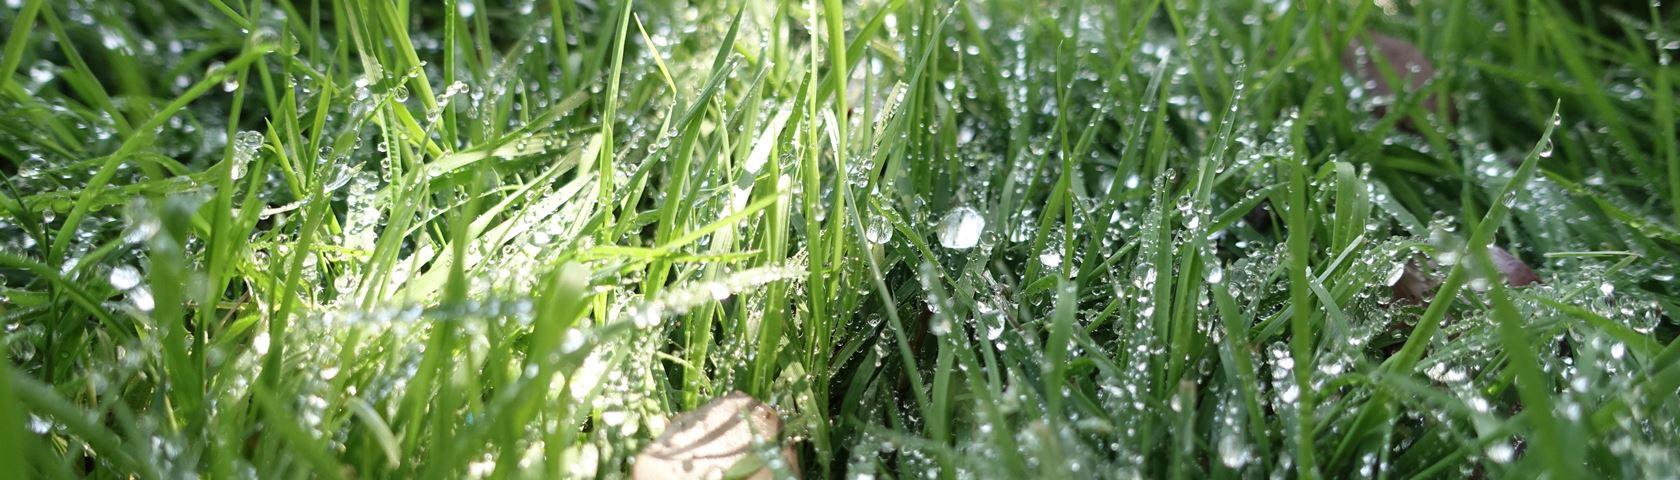 Dewy Grass KM1